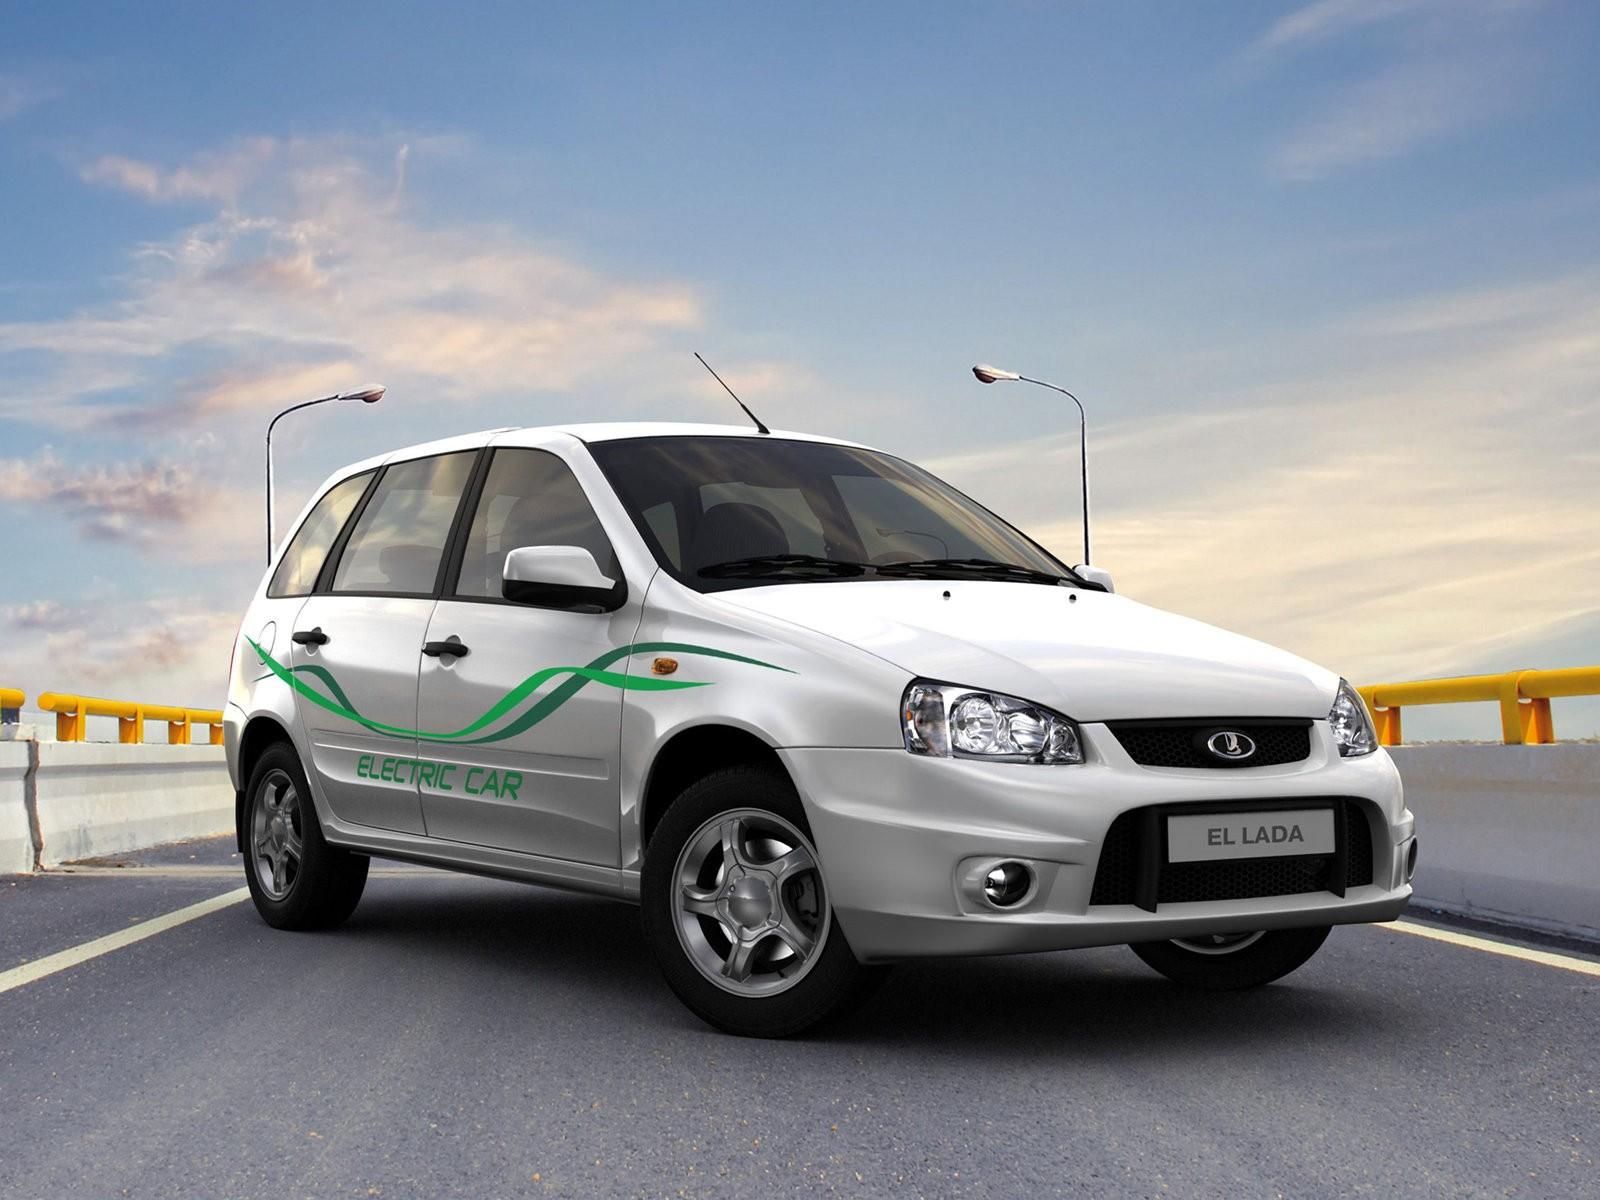 Теперь любой россиянин может купить электромобиль по доступной цене - El Lada